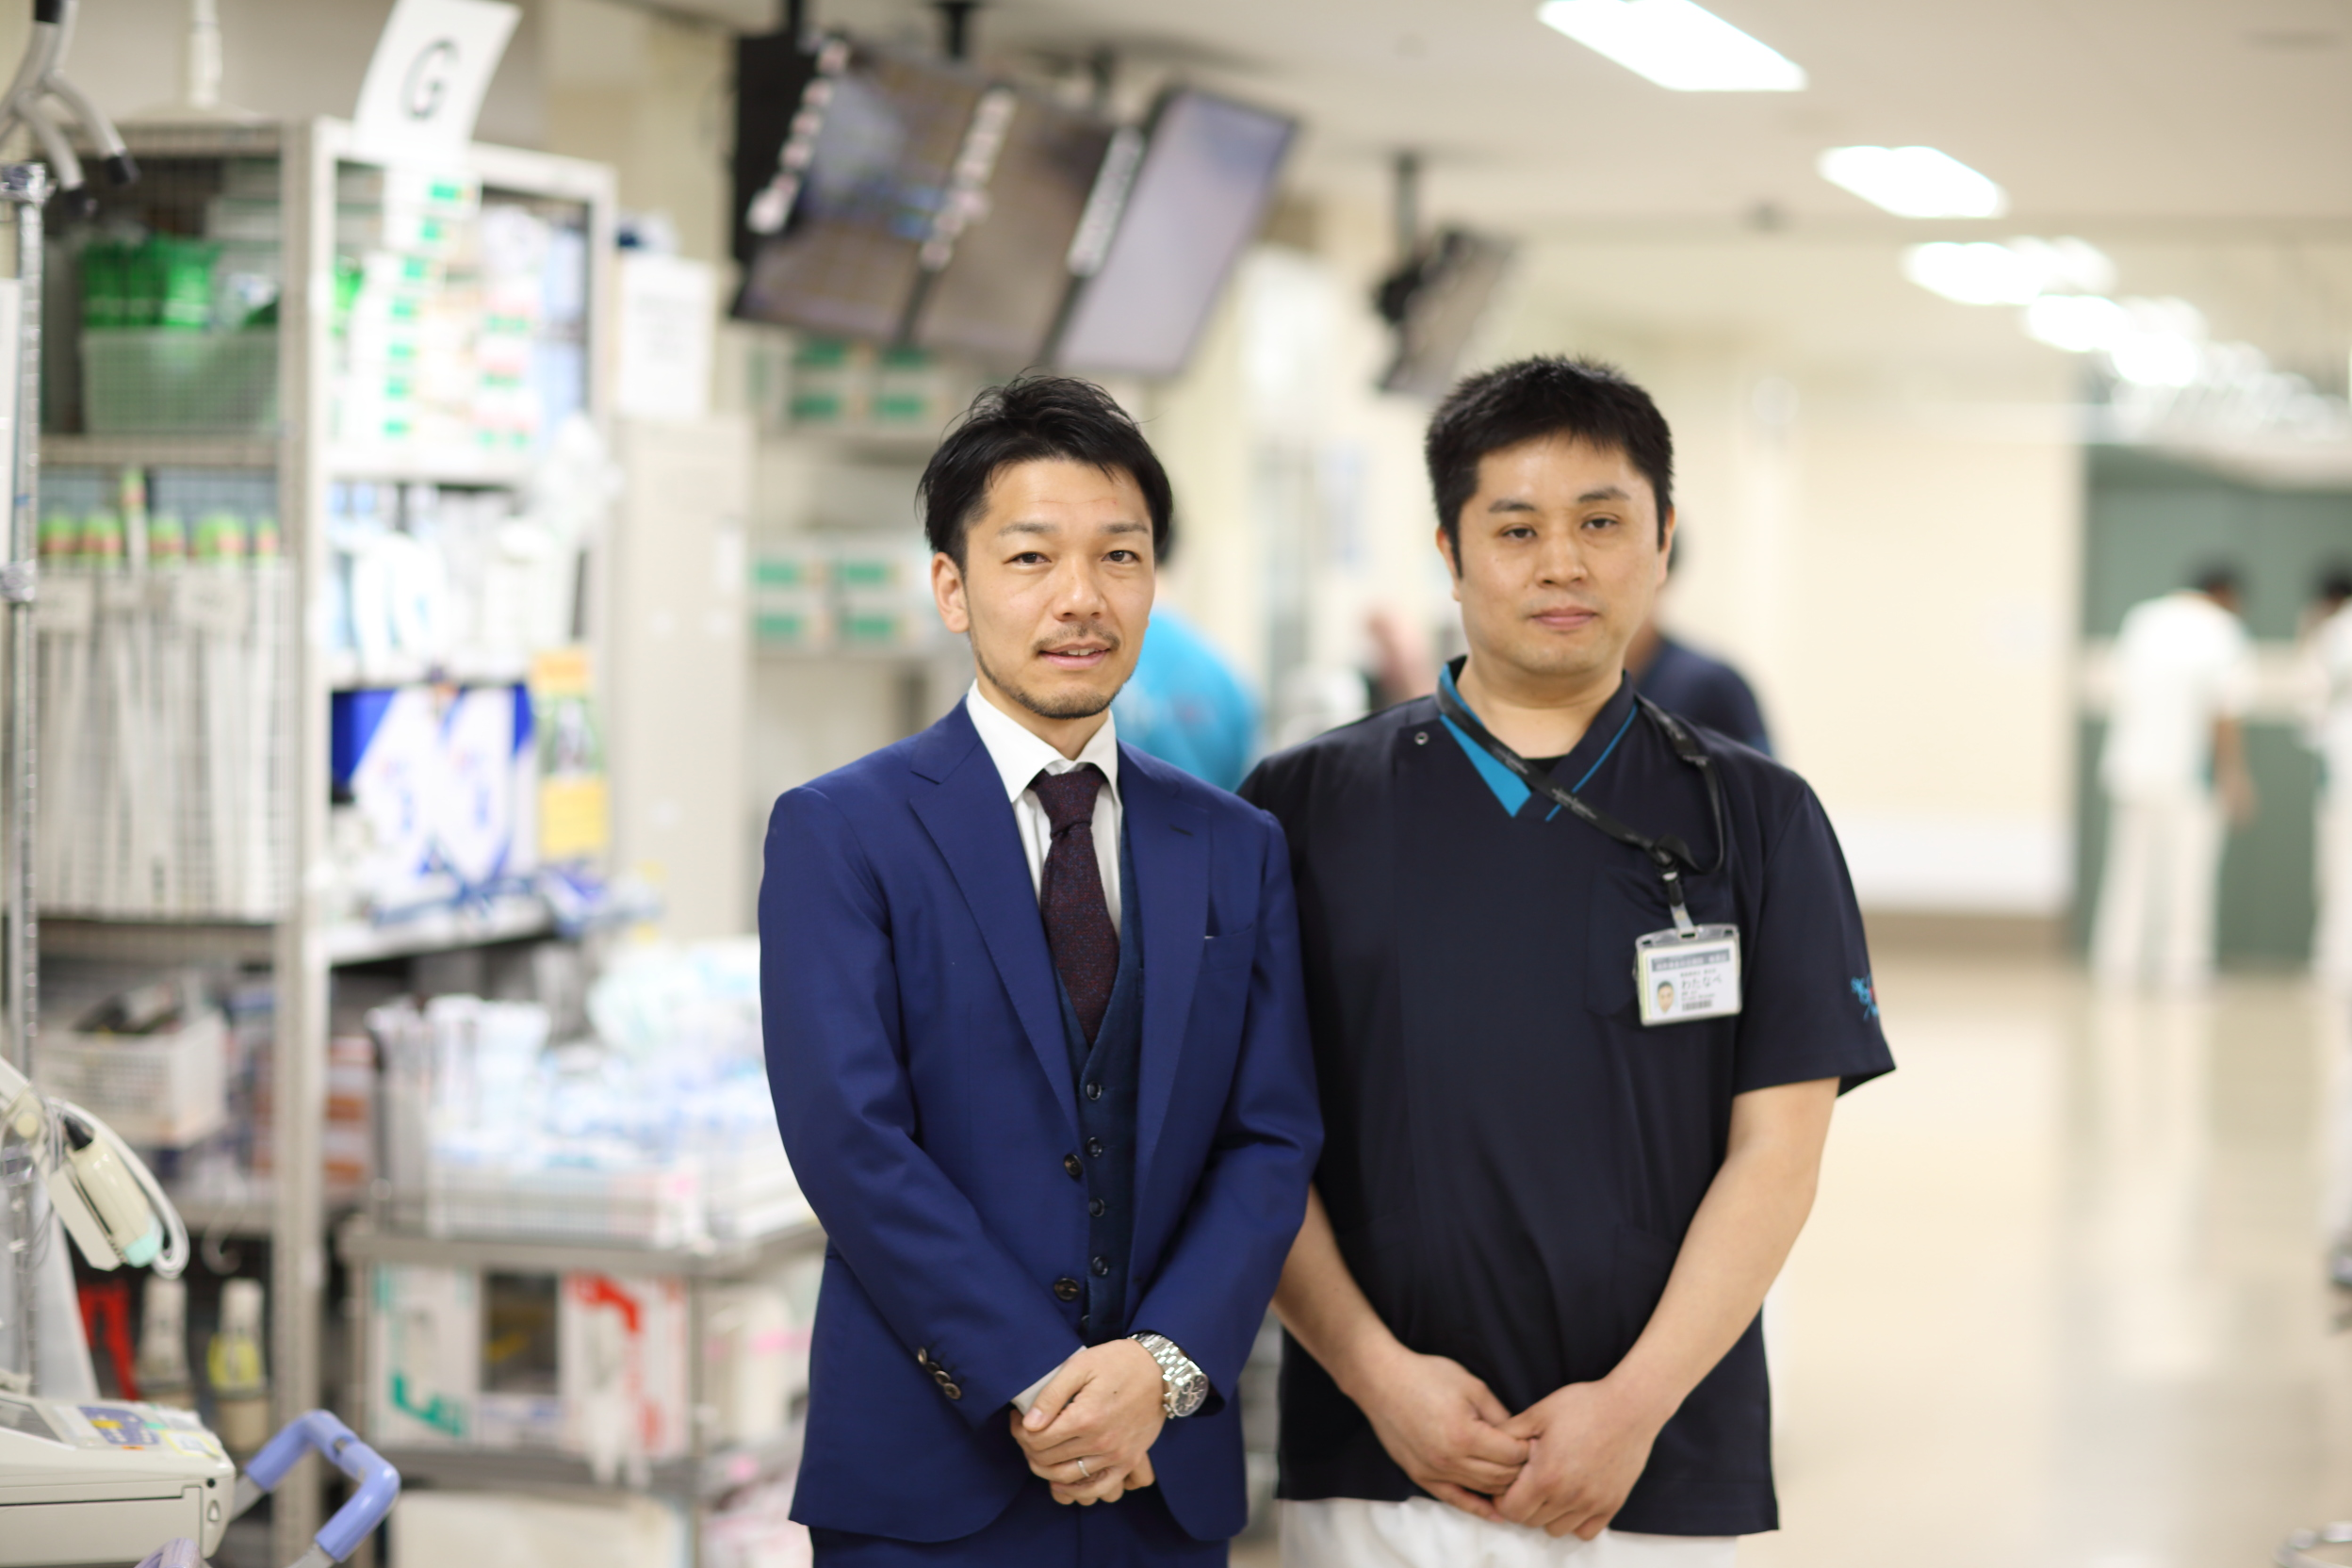 鎌倉 コロナ 病院 湘南 総合